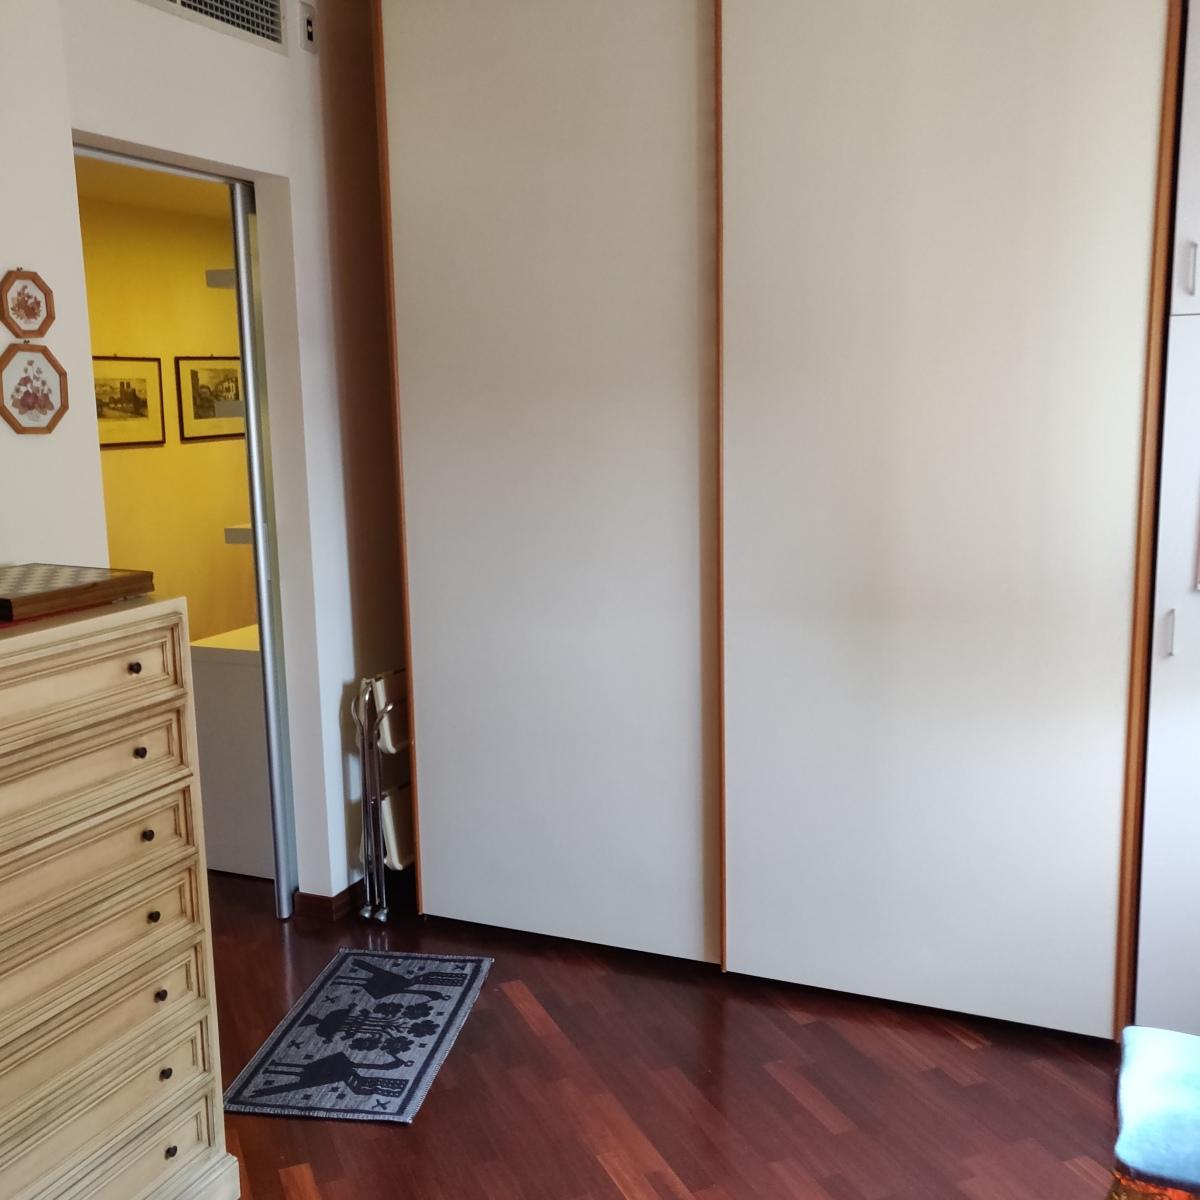 appartamento-in-vendita-a-baggio-via-cassolnovo-bagarotti-3-locali-milano-trilocale-spaziourbano-immobiliare-vende-9